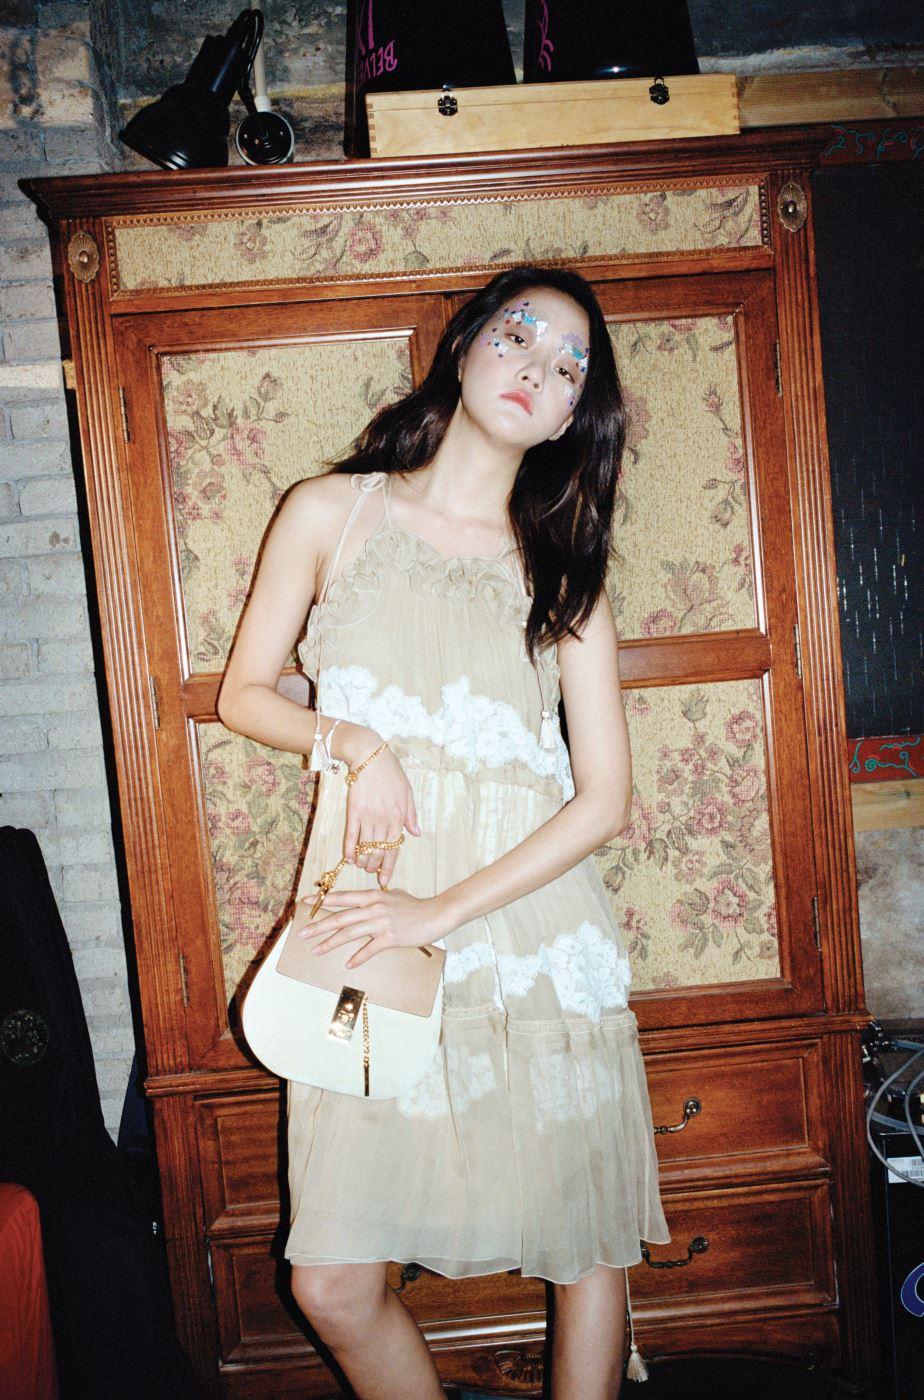 레이스 장식의 여성스러운 프릴 장식 시폰 드레스, 감미로운 누드 톤의 체인 장식 드류(Drew) 백은 Chloe 제품.